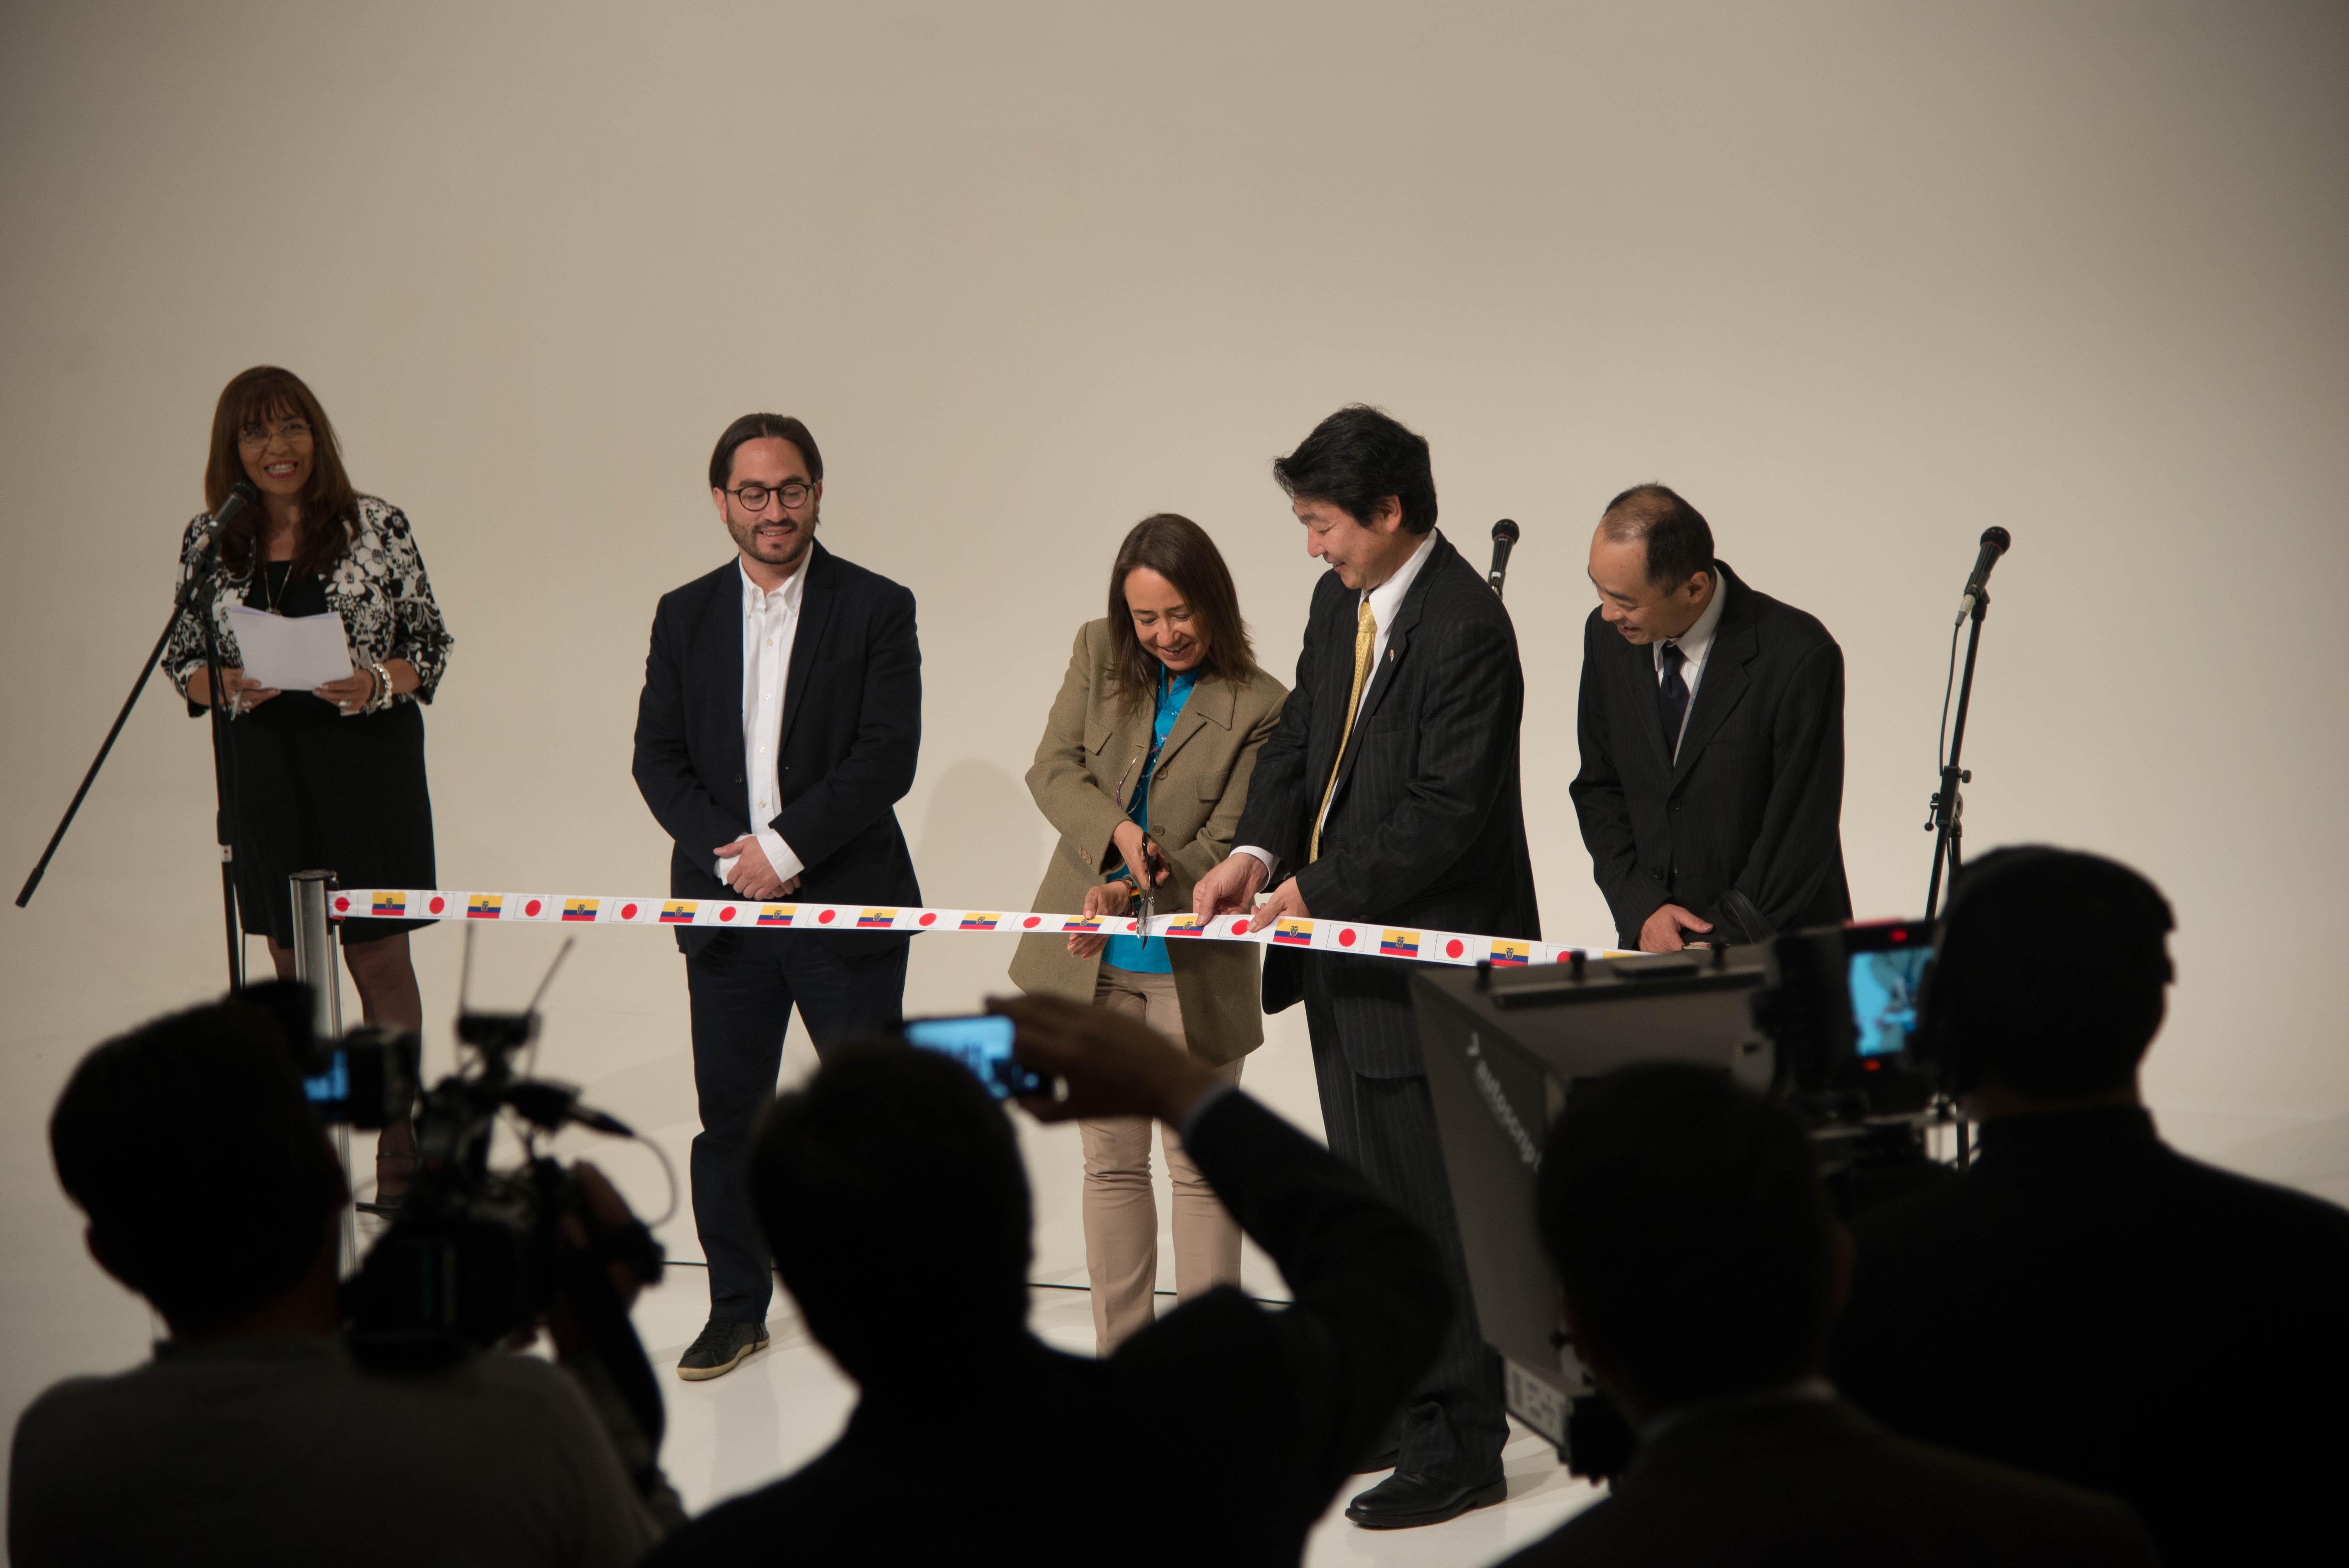 CIESPAL inauguró el primer estudio de televisión con tecnología HD para capacitación